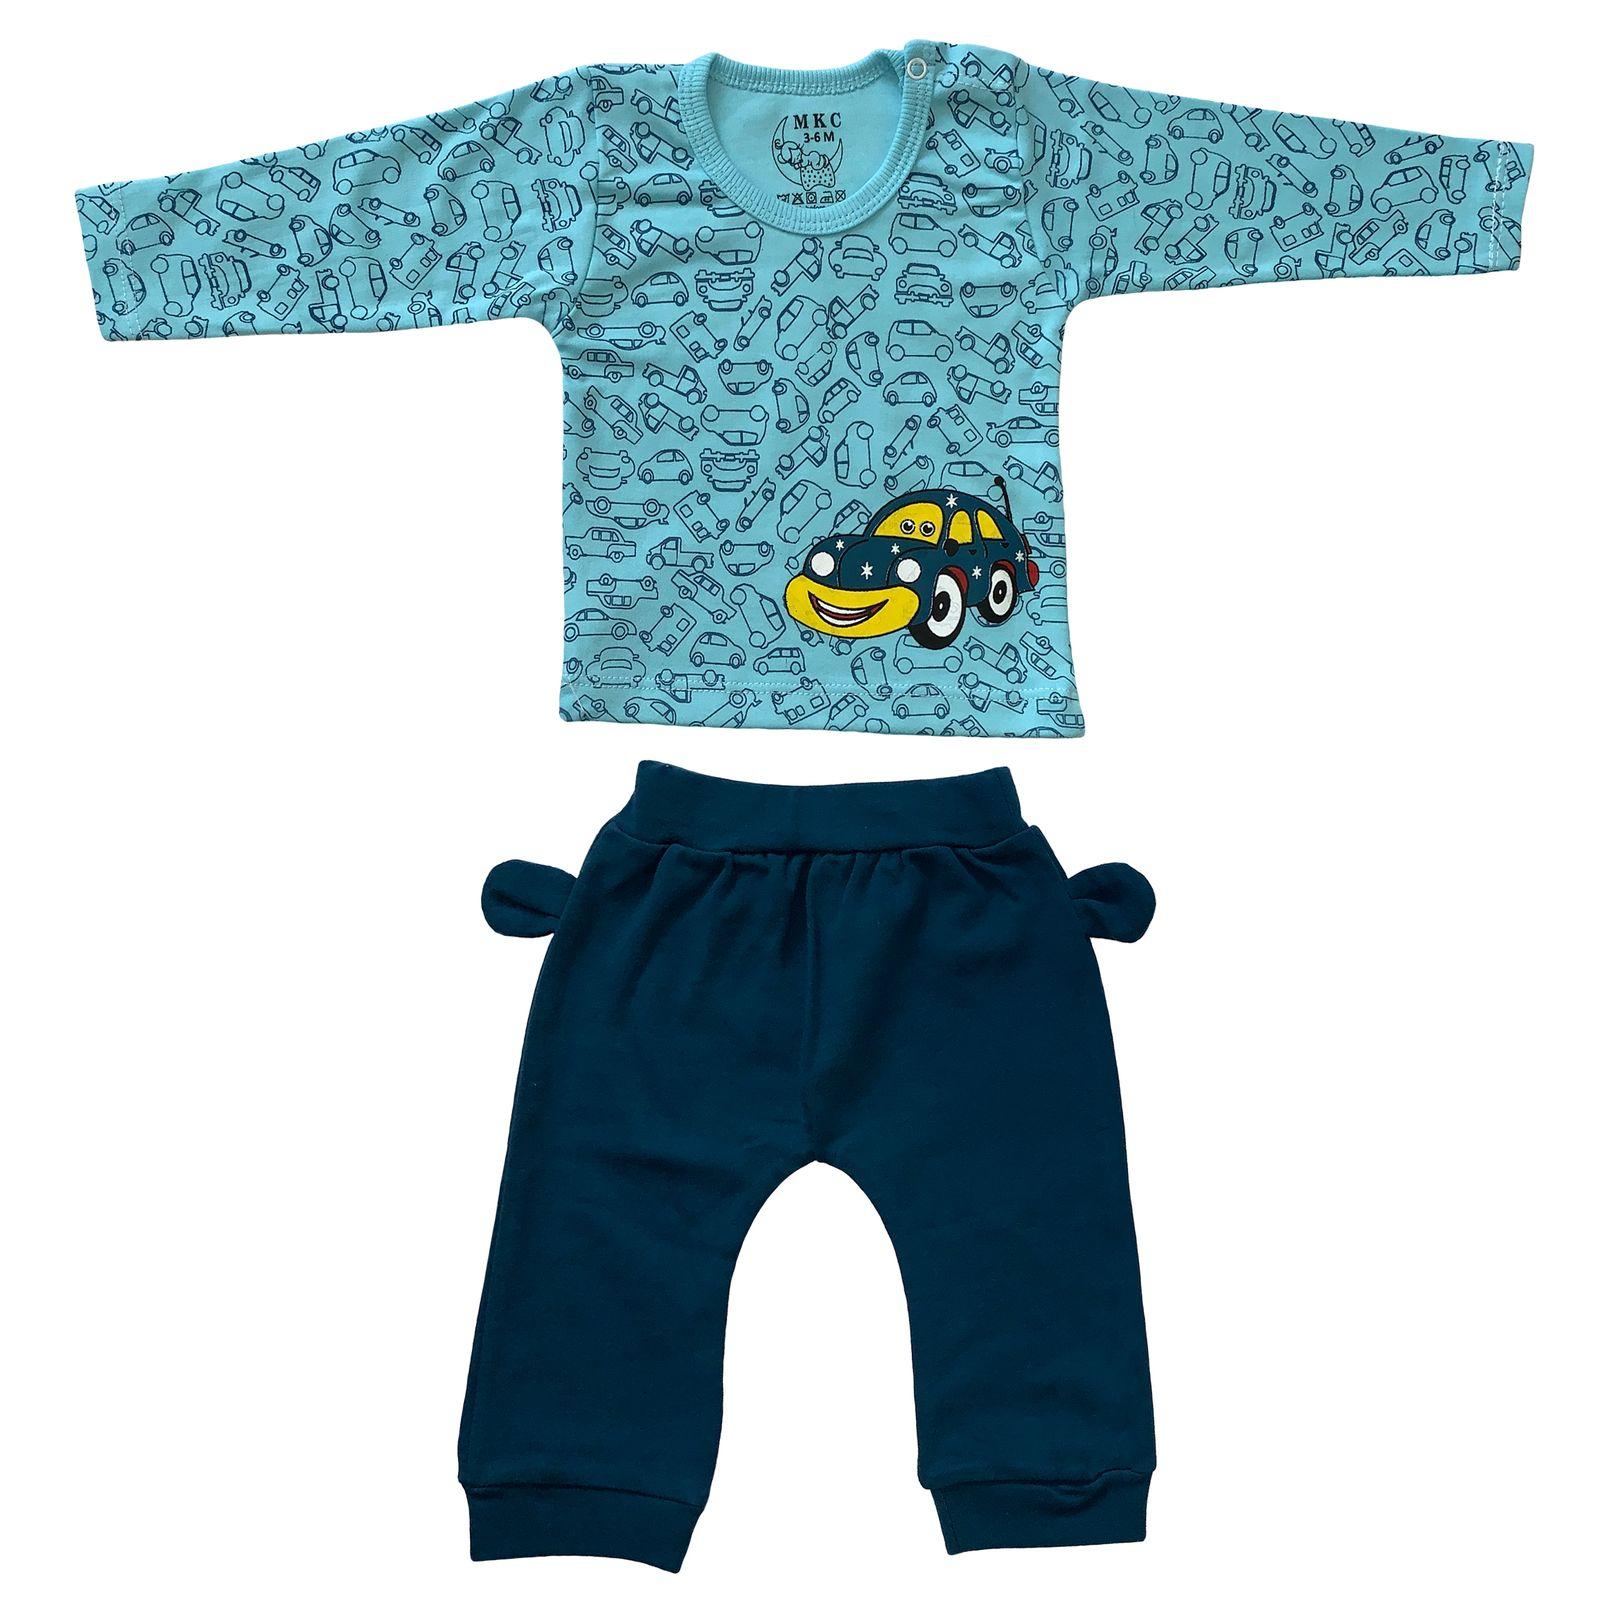 ست تی شرت و شلوار نوزادی طرح ماشین کد FF-078 -  - 2